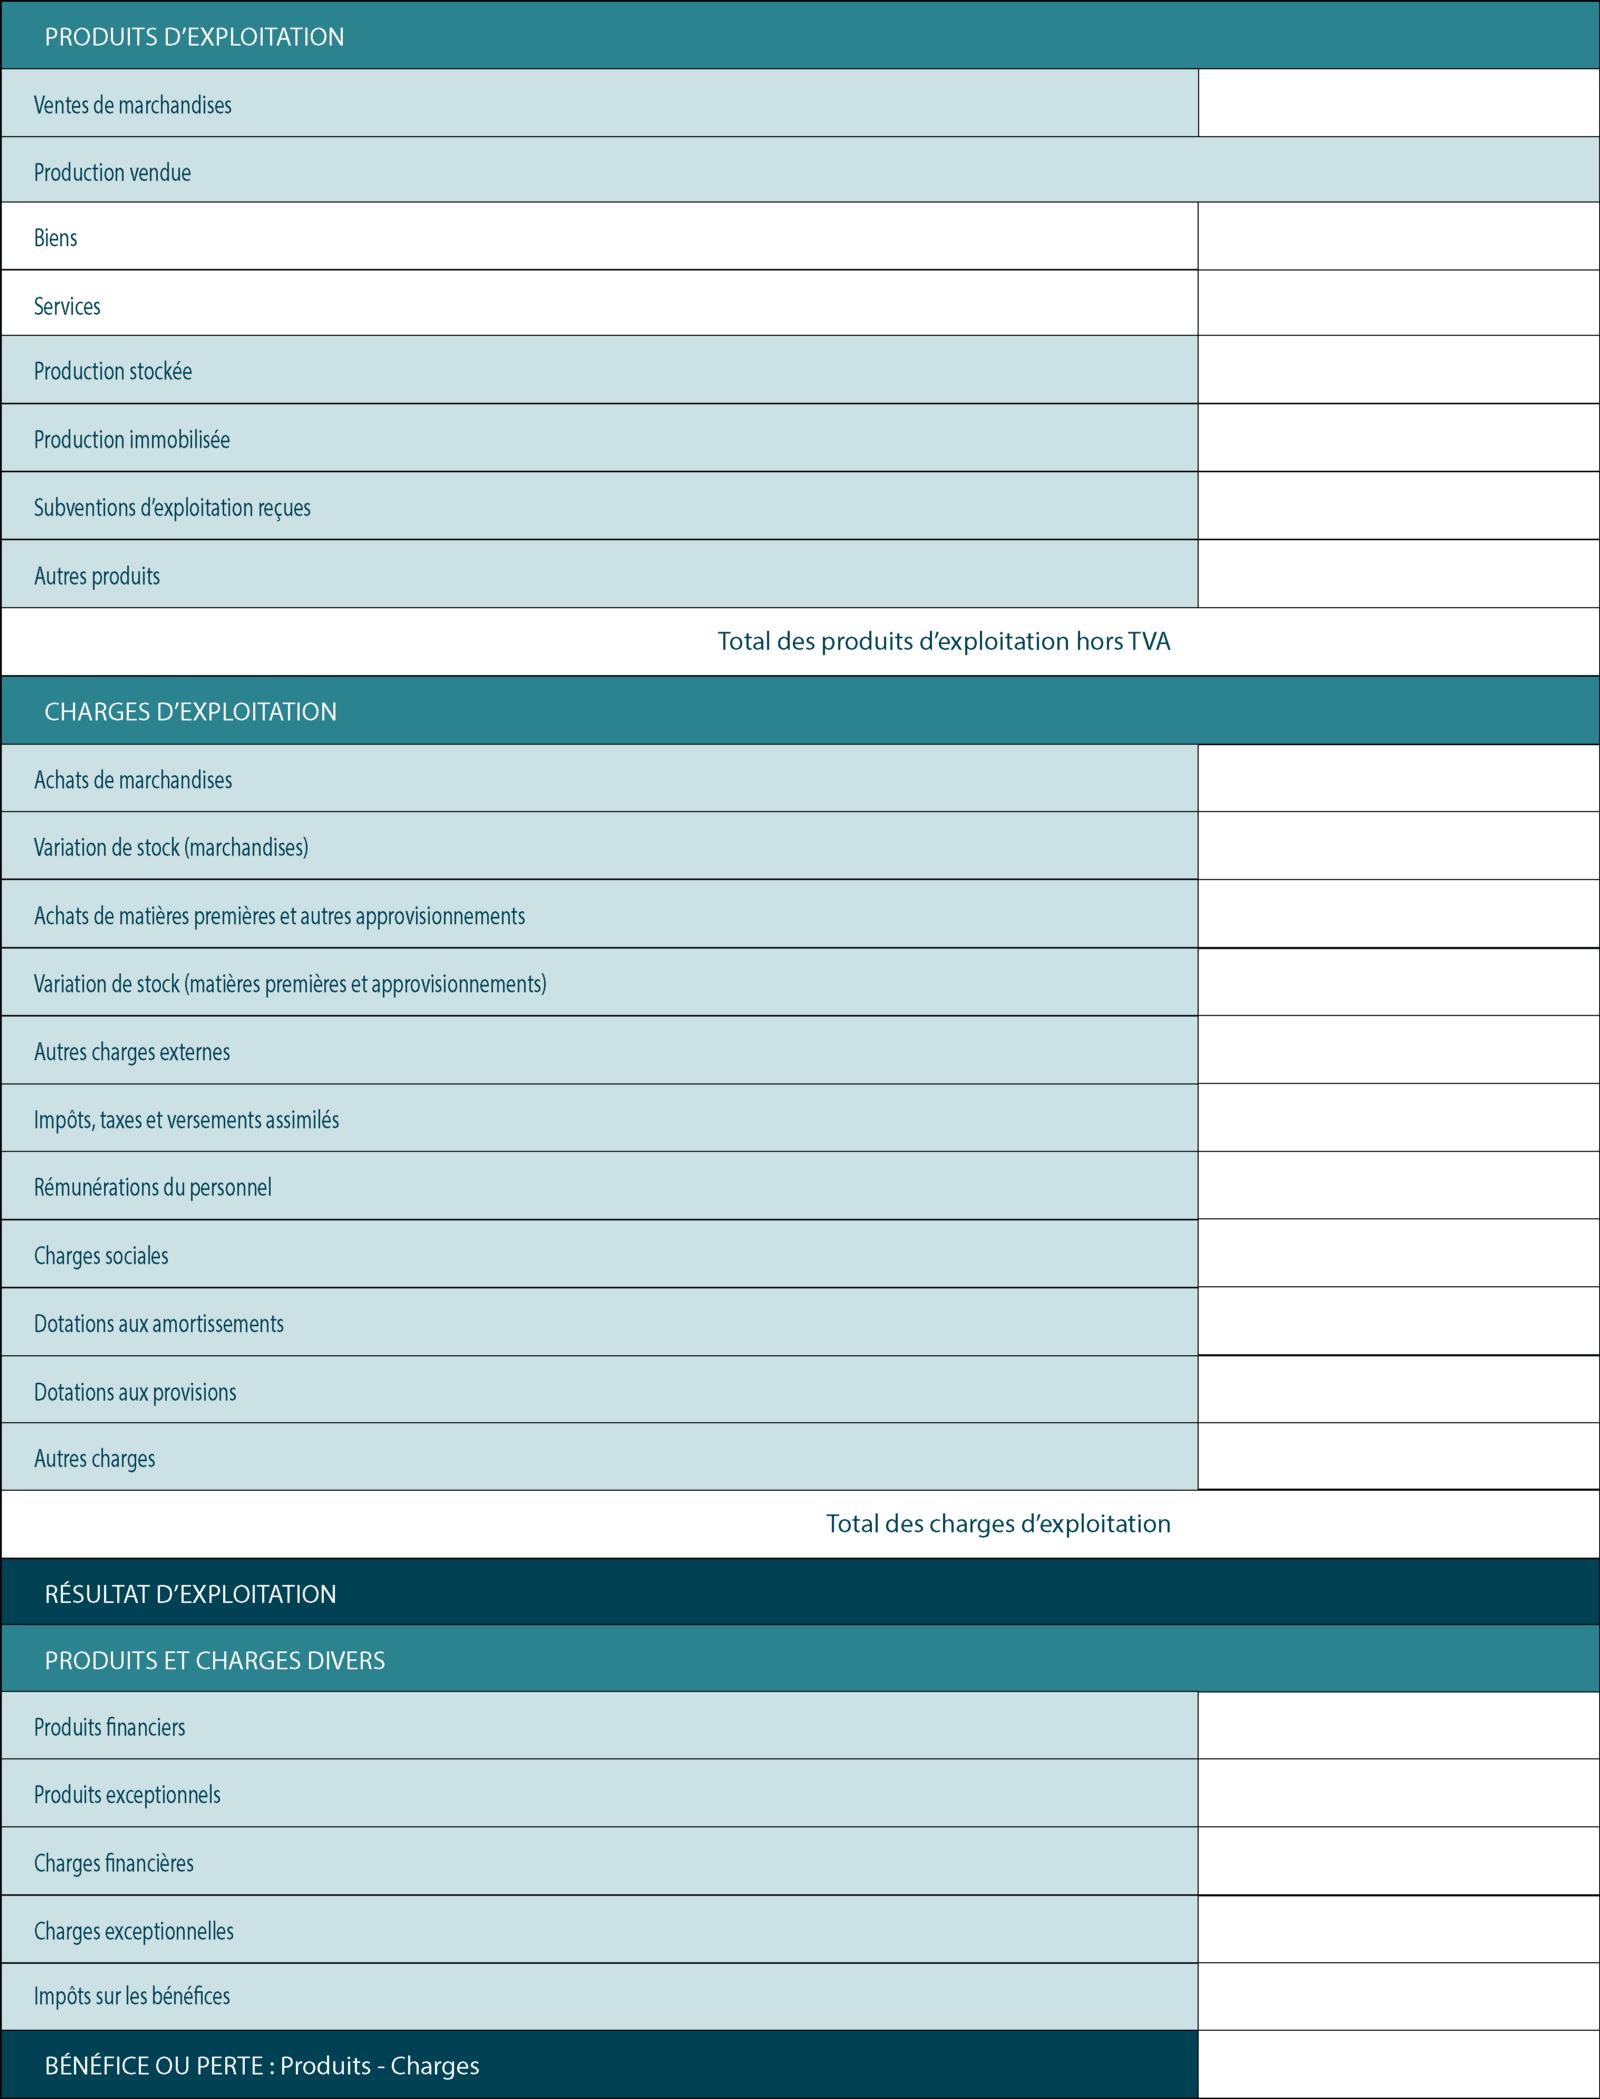 produits et charges